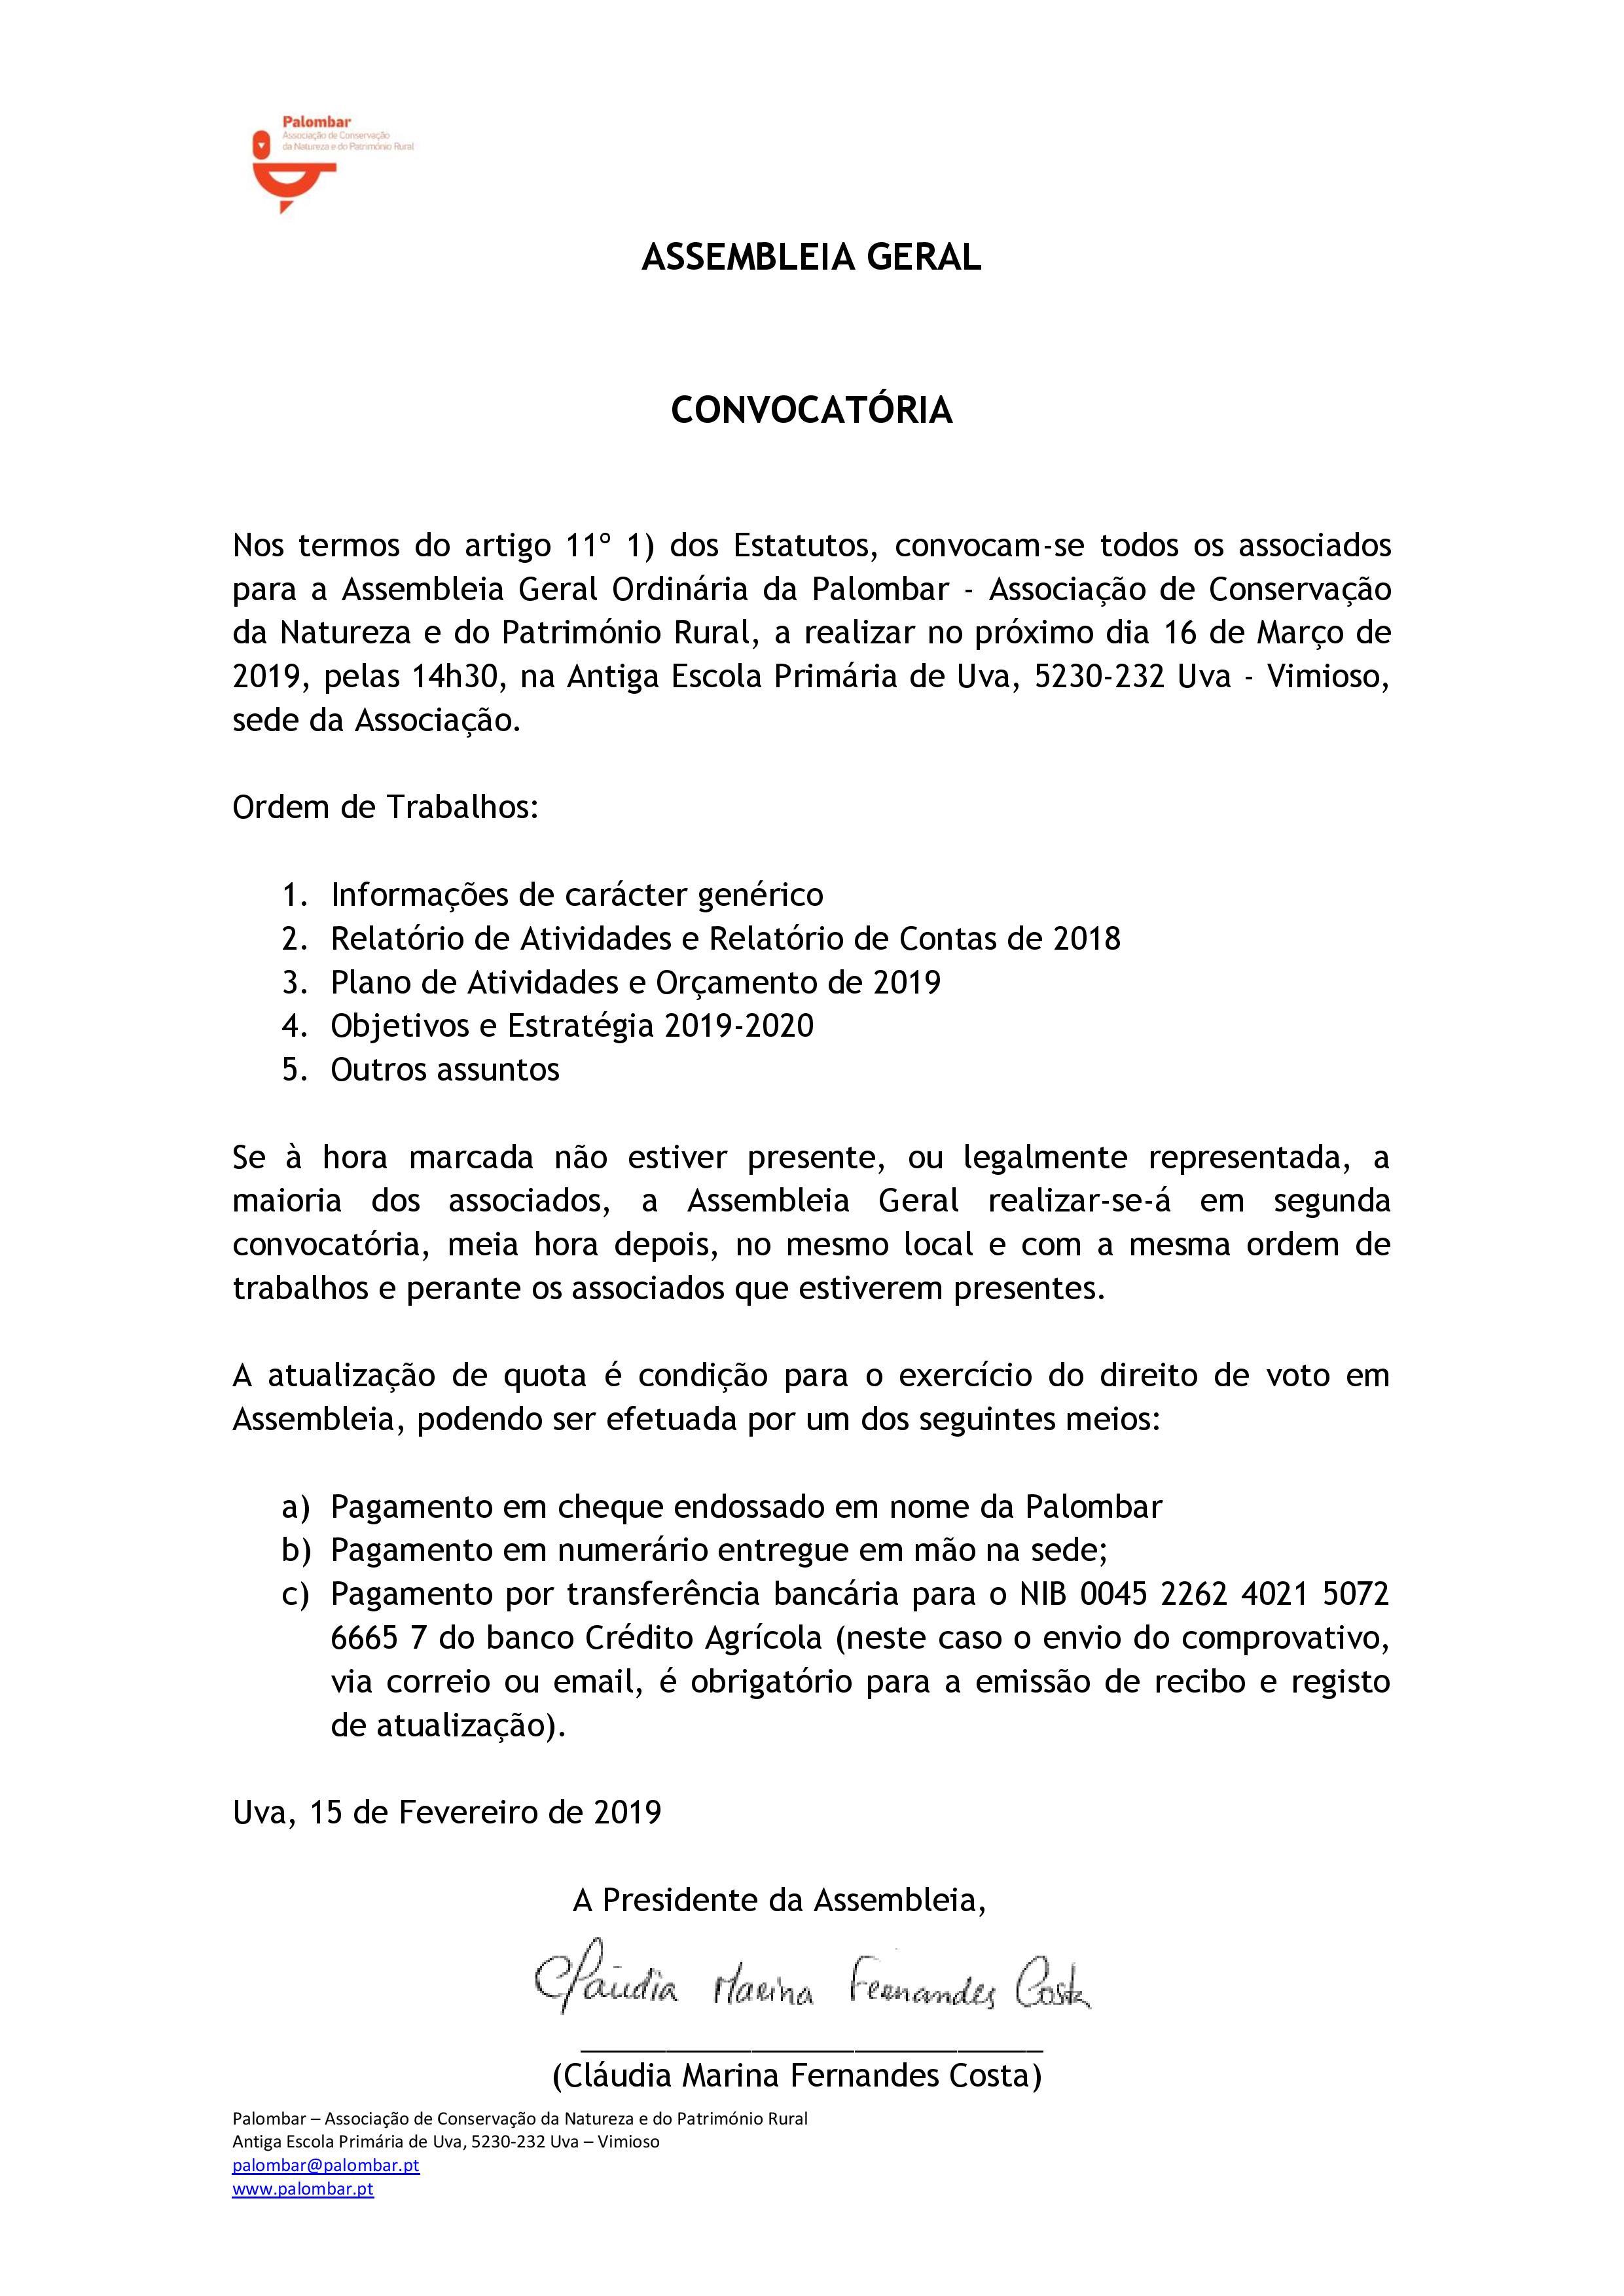 Convocatória AG 16 Março 2019 PT Completa-page-001.jpg